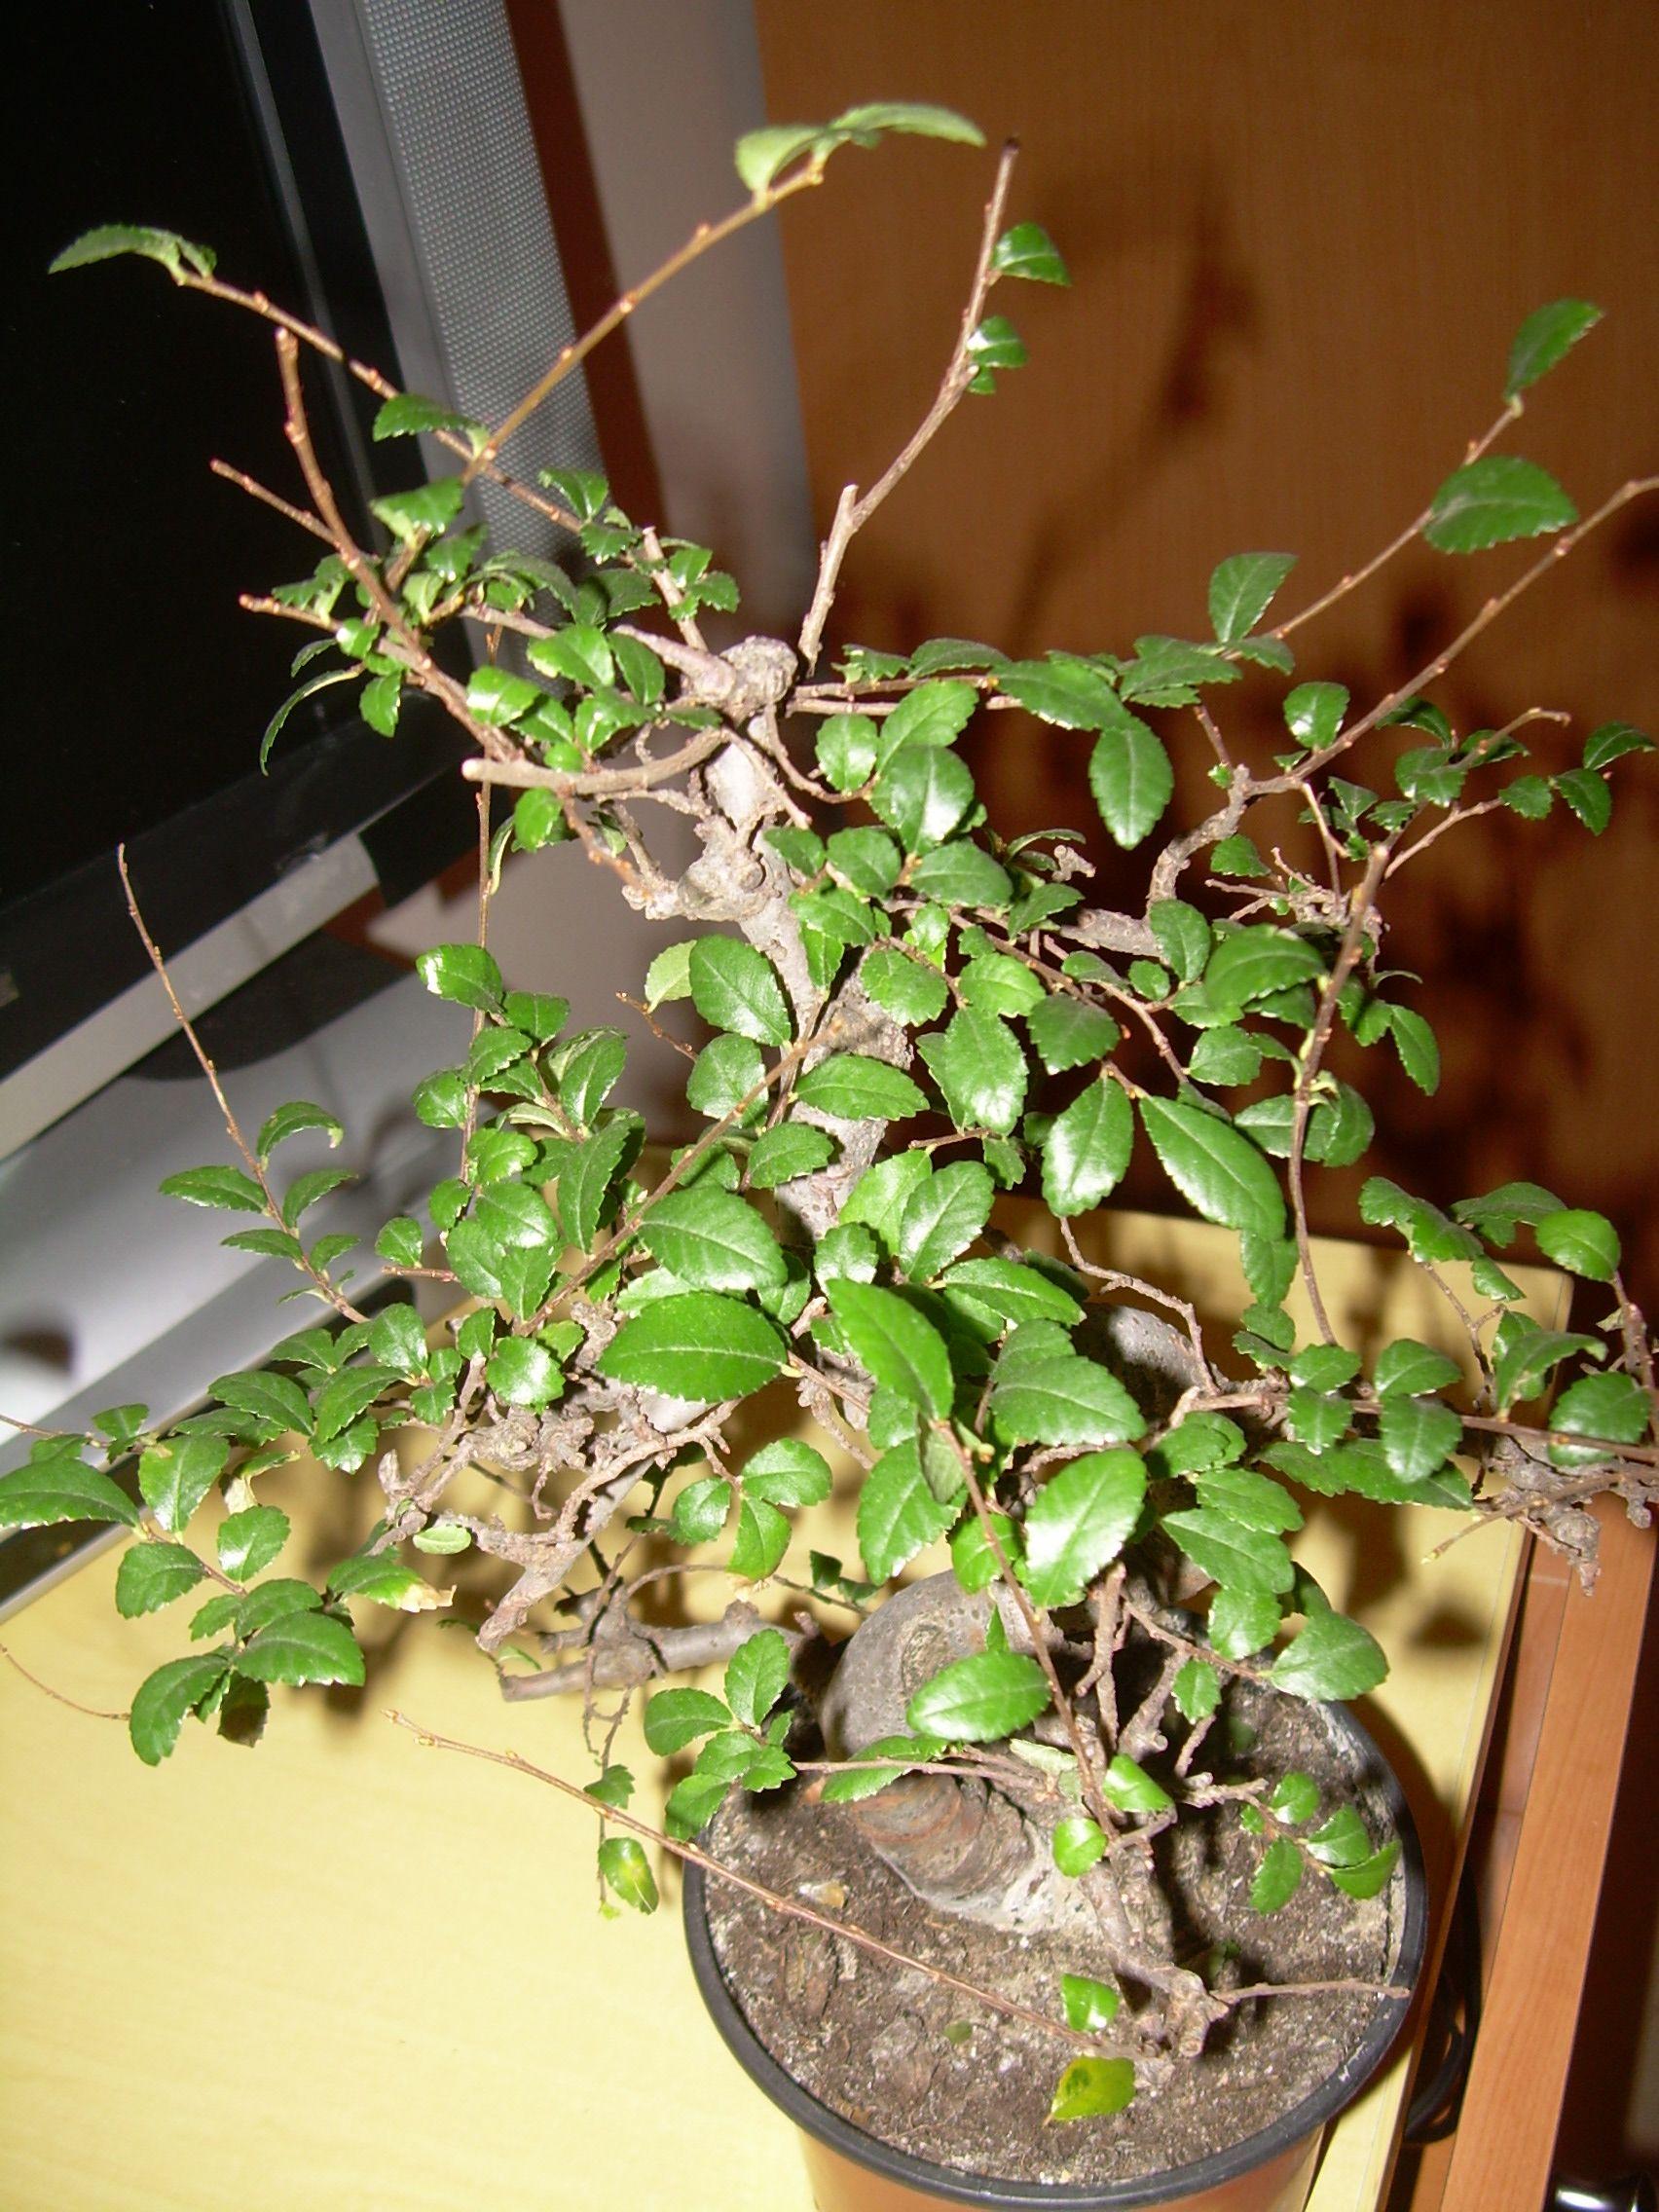 Mi primer bonsaiii Dscn2925b